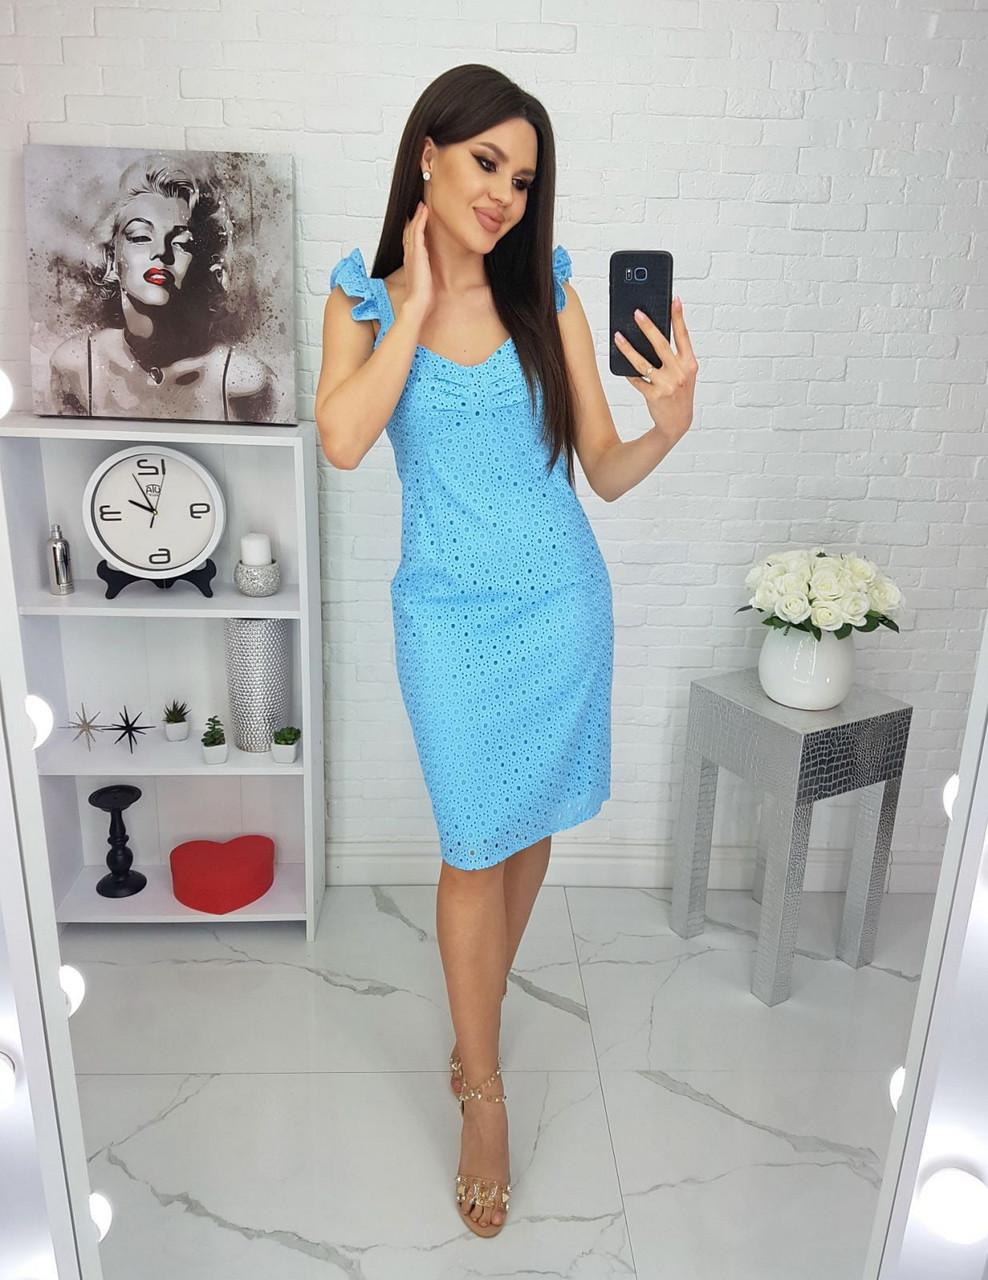 Летнее женское платье из прошвы на подкладке, длиною до колен, 01043 (Голубой), Размер 44 (M)